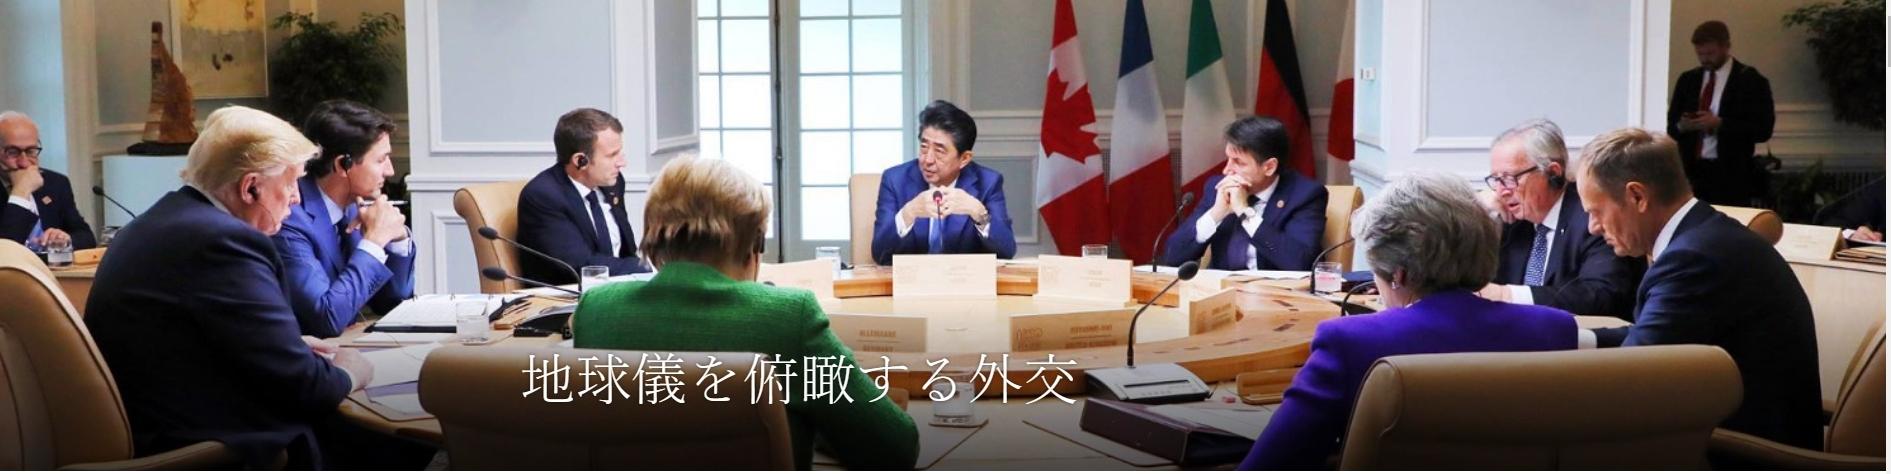 安倍内閣総理大臣の地球儀を俯瞰する外交